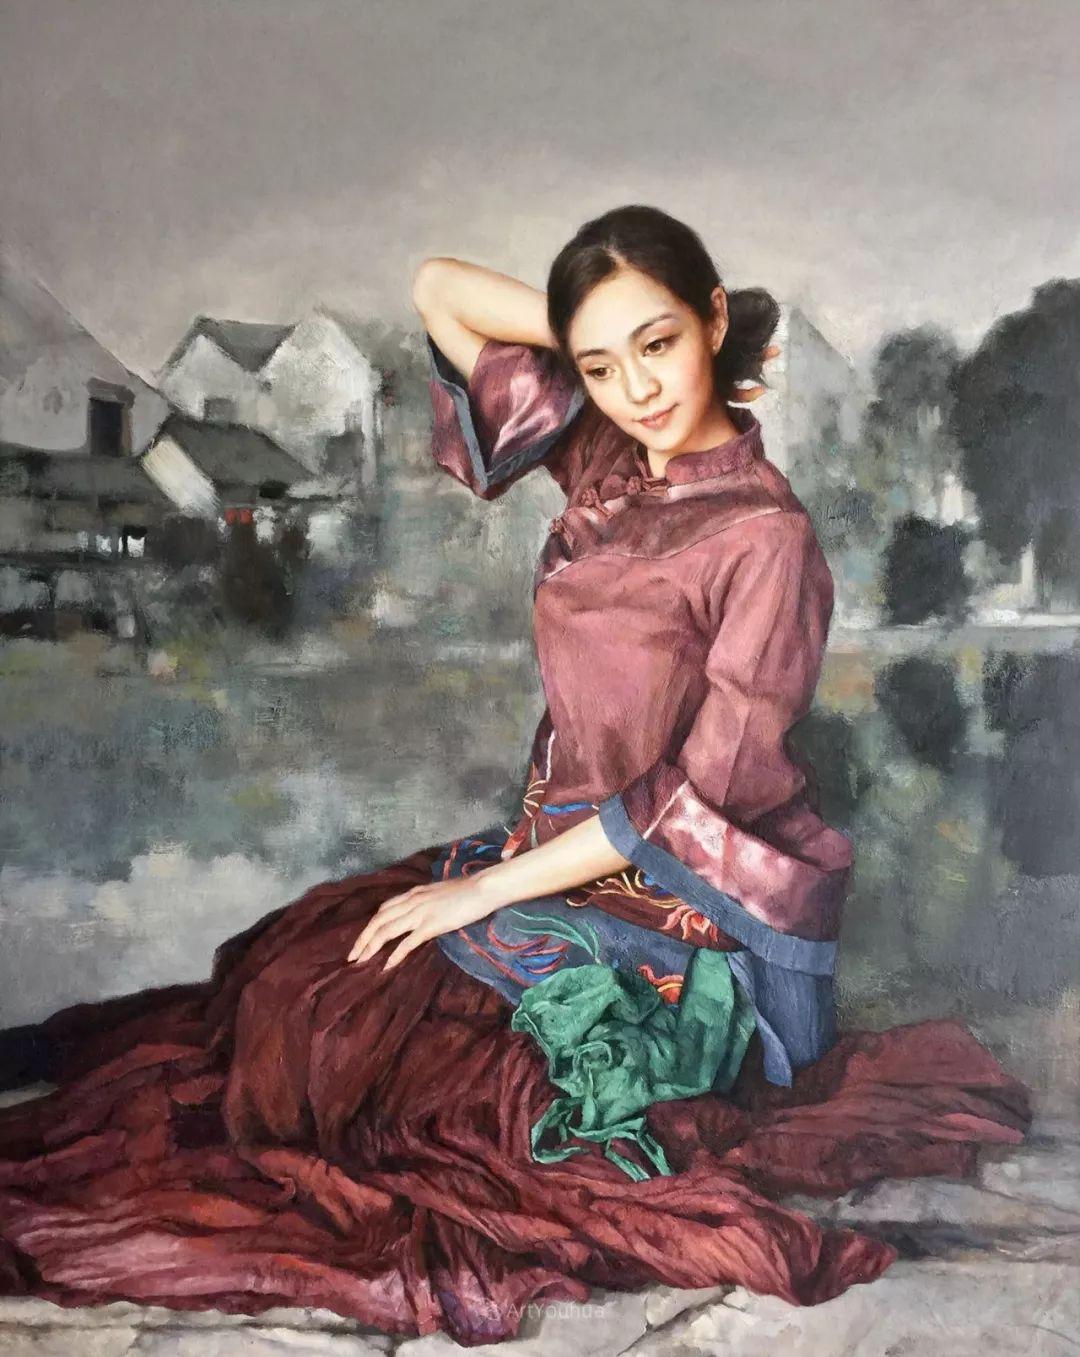 风情演绎唯美东方女性,单纯清澈,不媚不妖!插图25